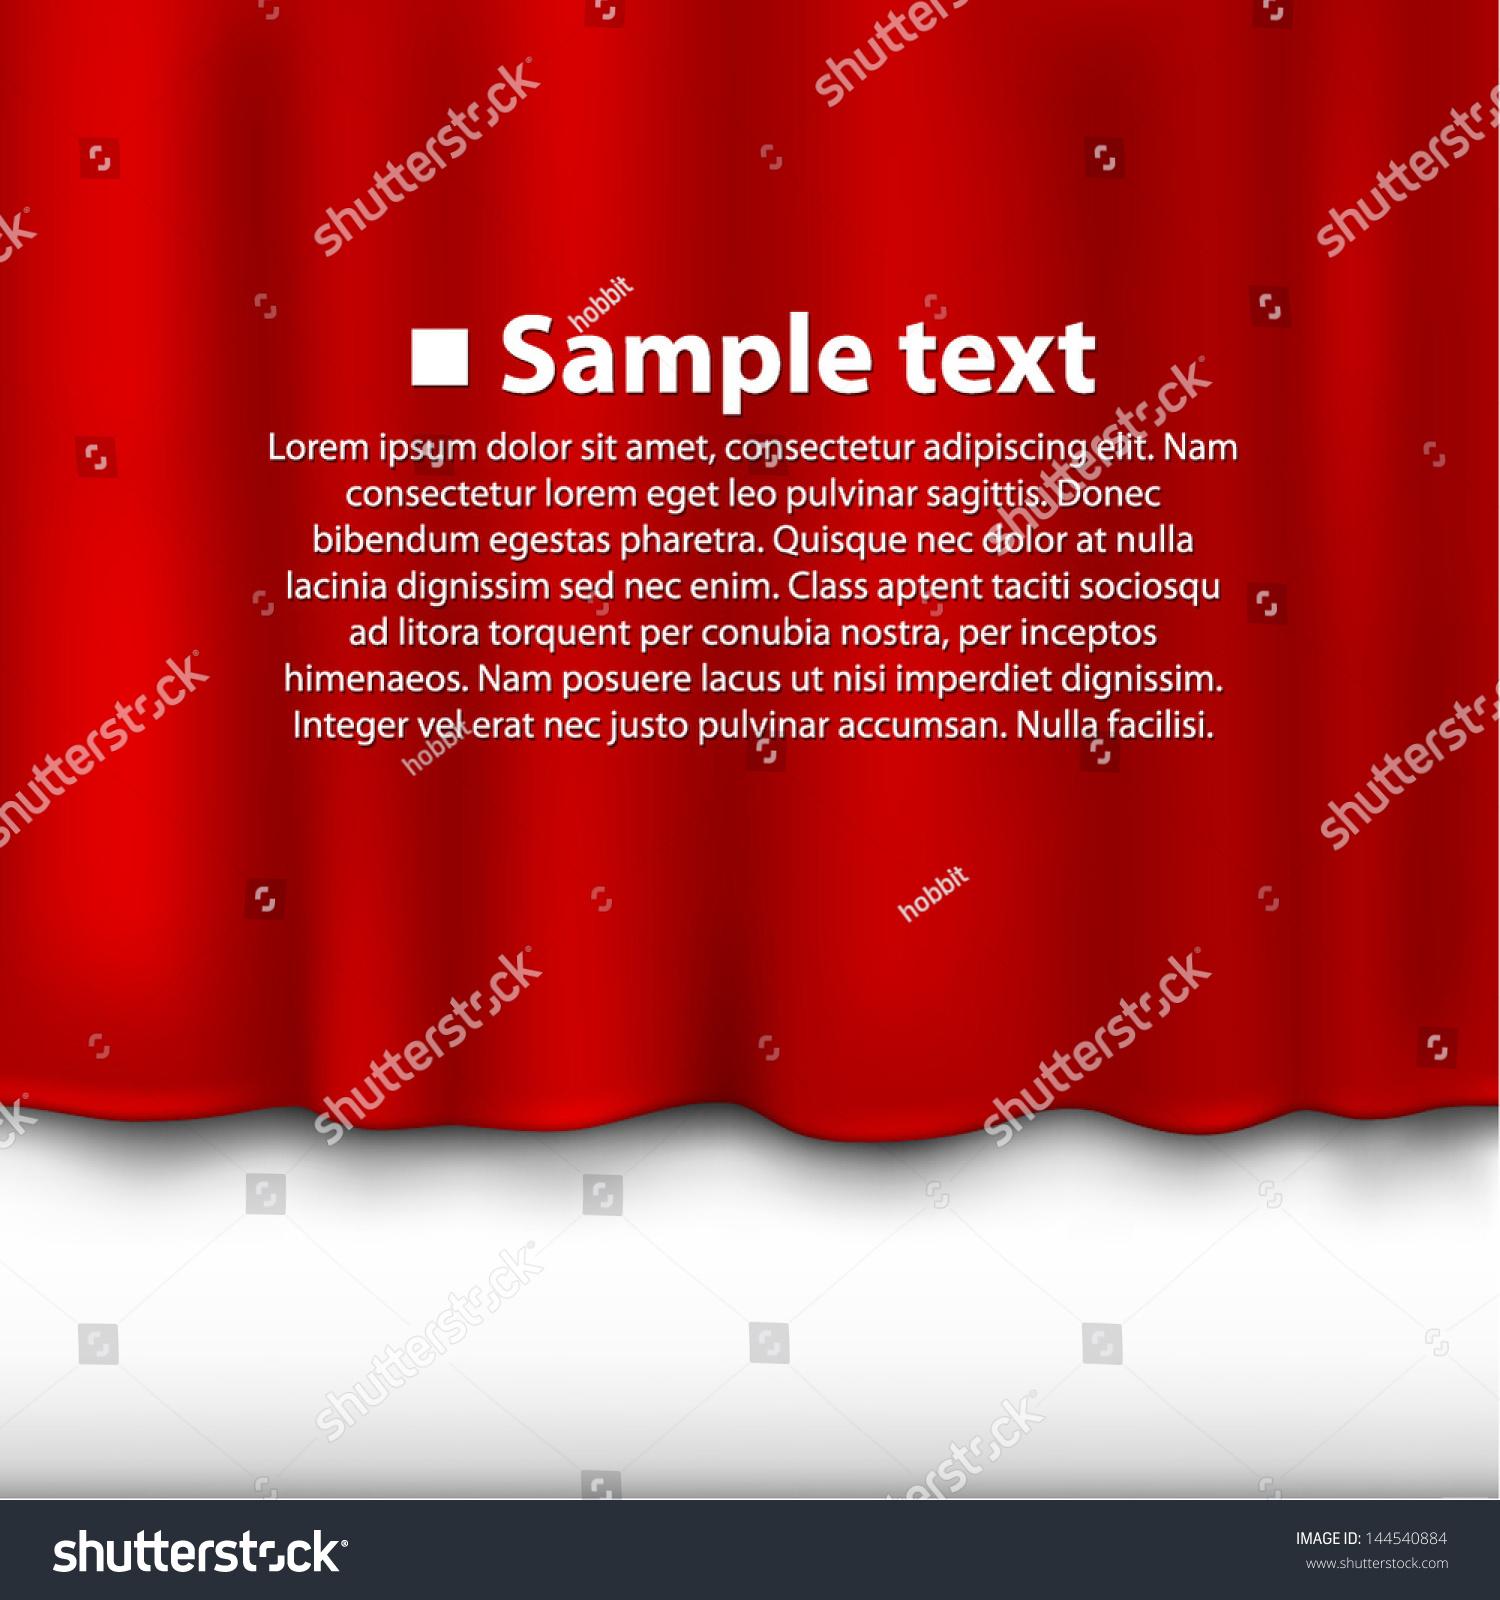 落地的红色-背景/素材,物体-海洛创意(hellorf)--.